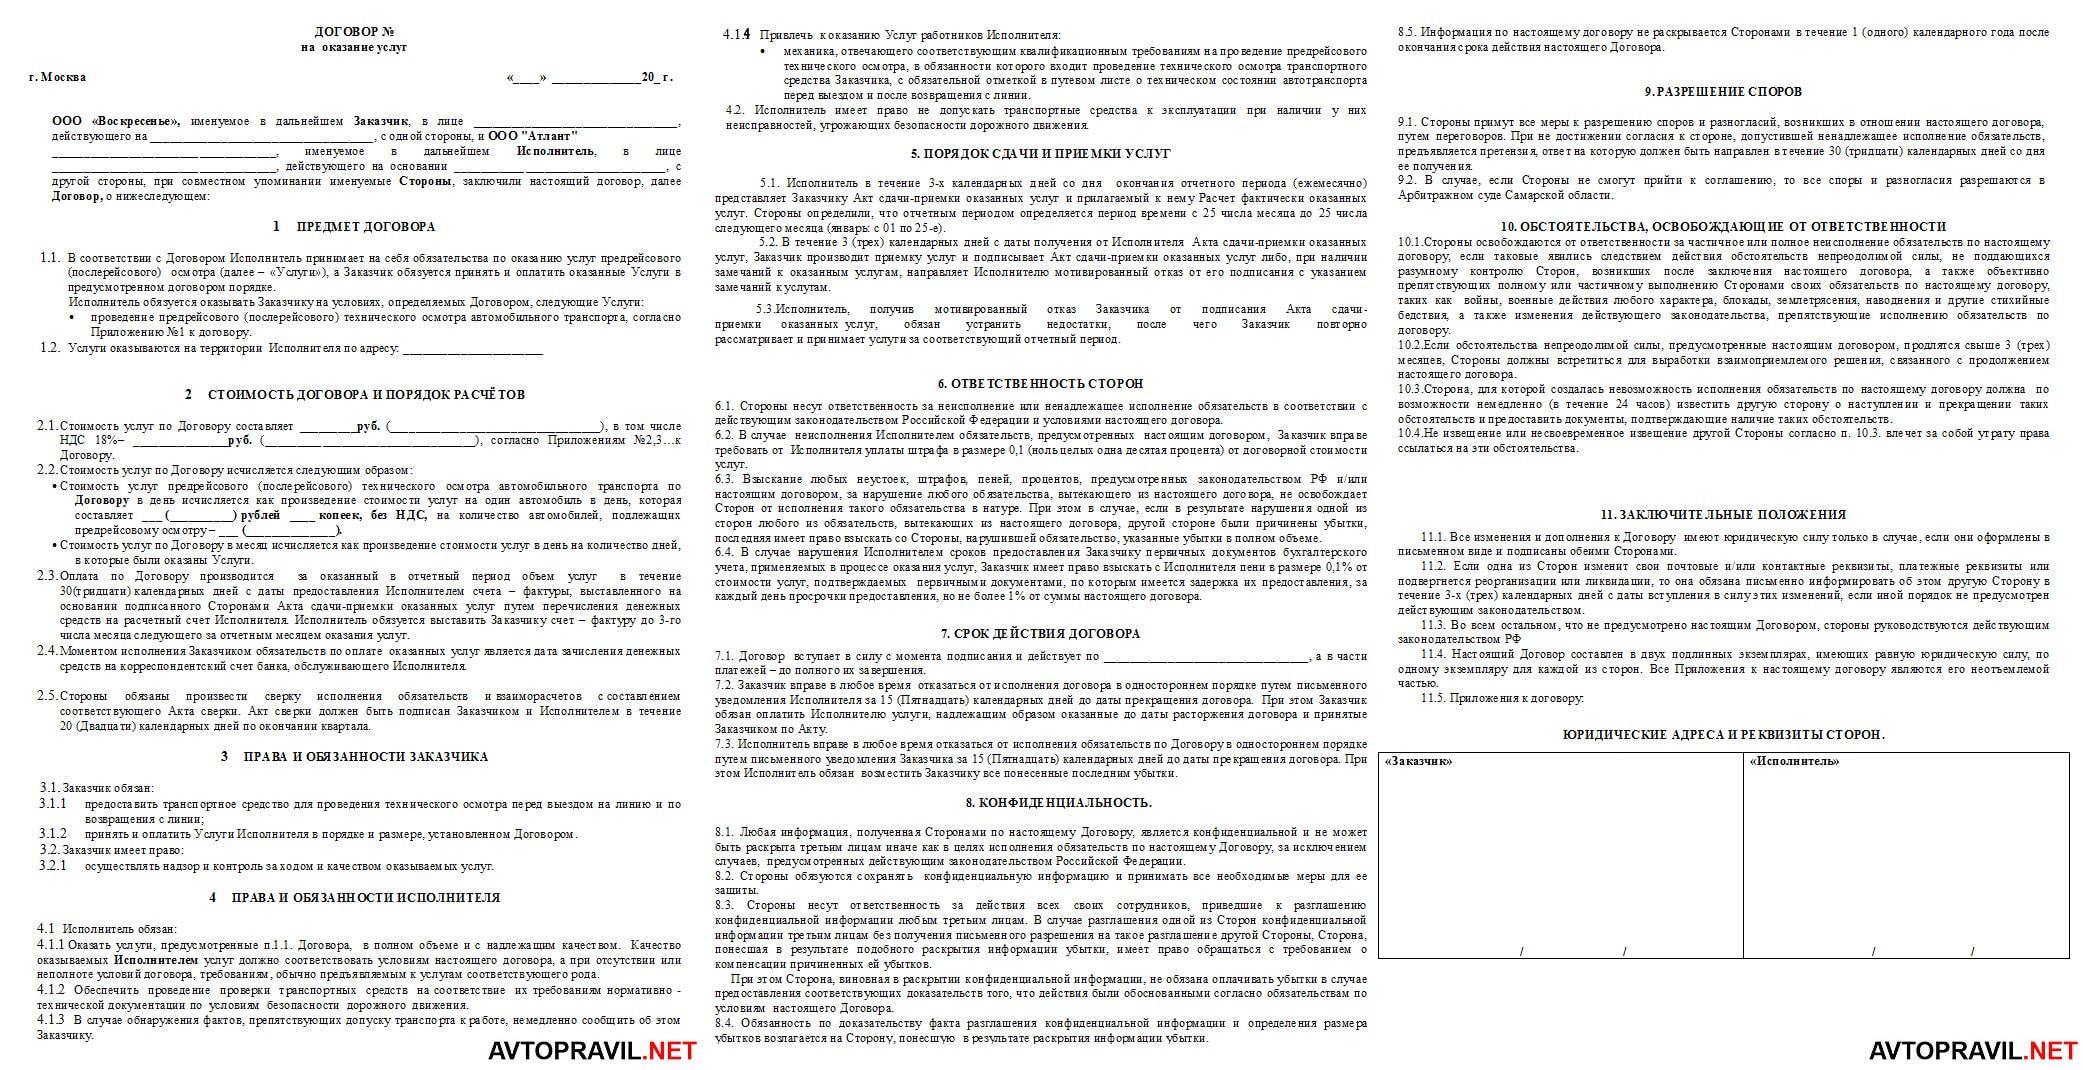 Образец договора на оказание услуг по предрейсовому техосмотру